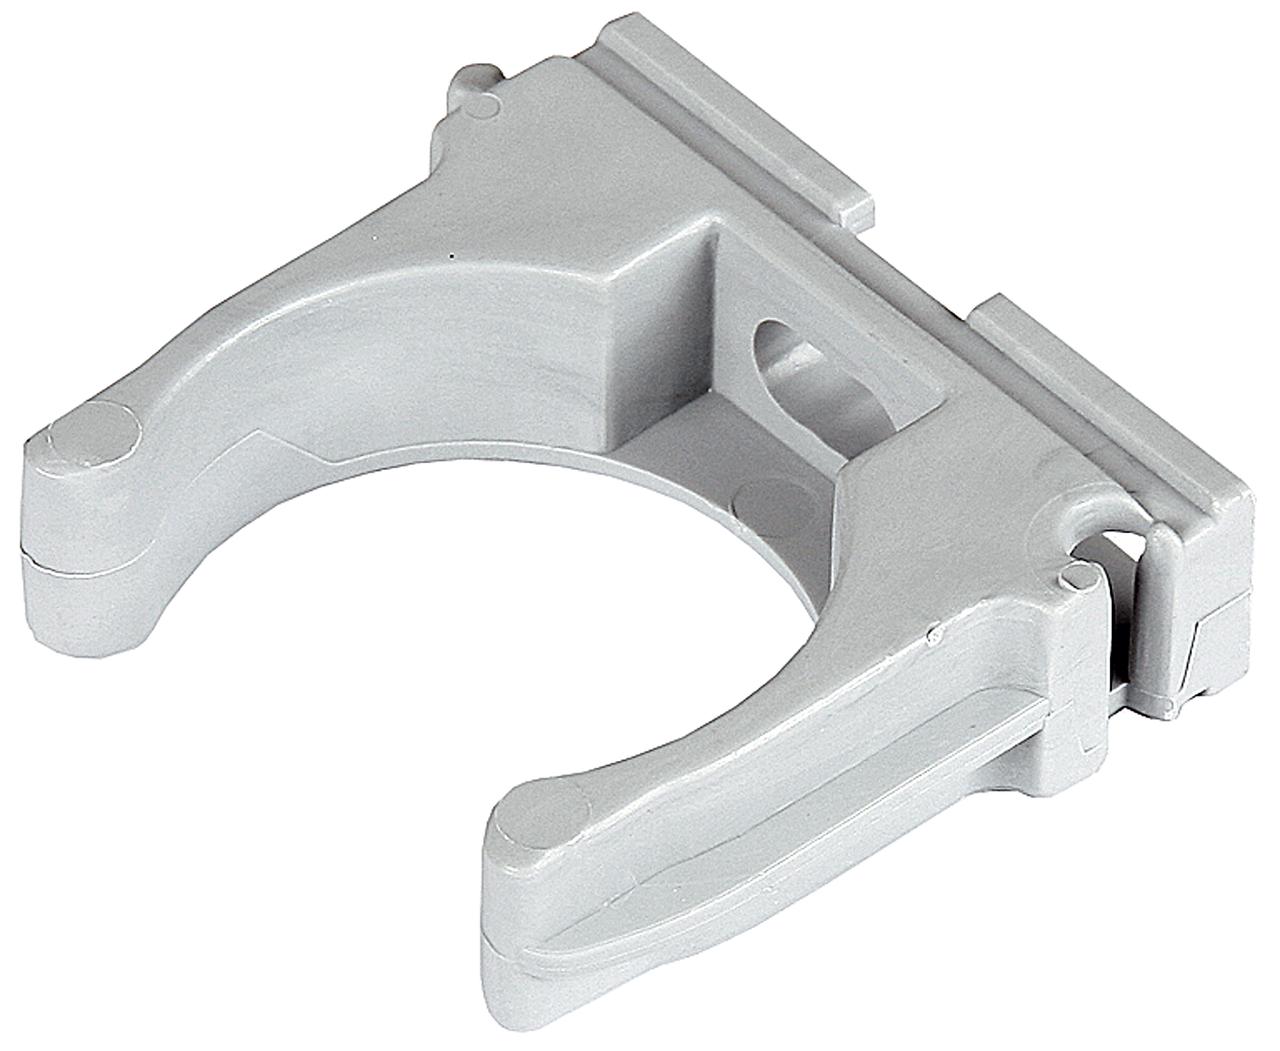 Клипса полипропиленовая, для металлопластиковых труб, 32 мм, 50 шт, ЗУБР